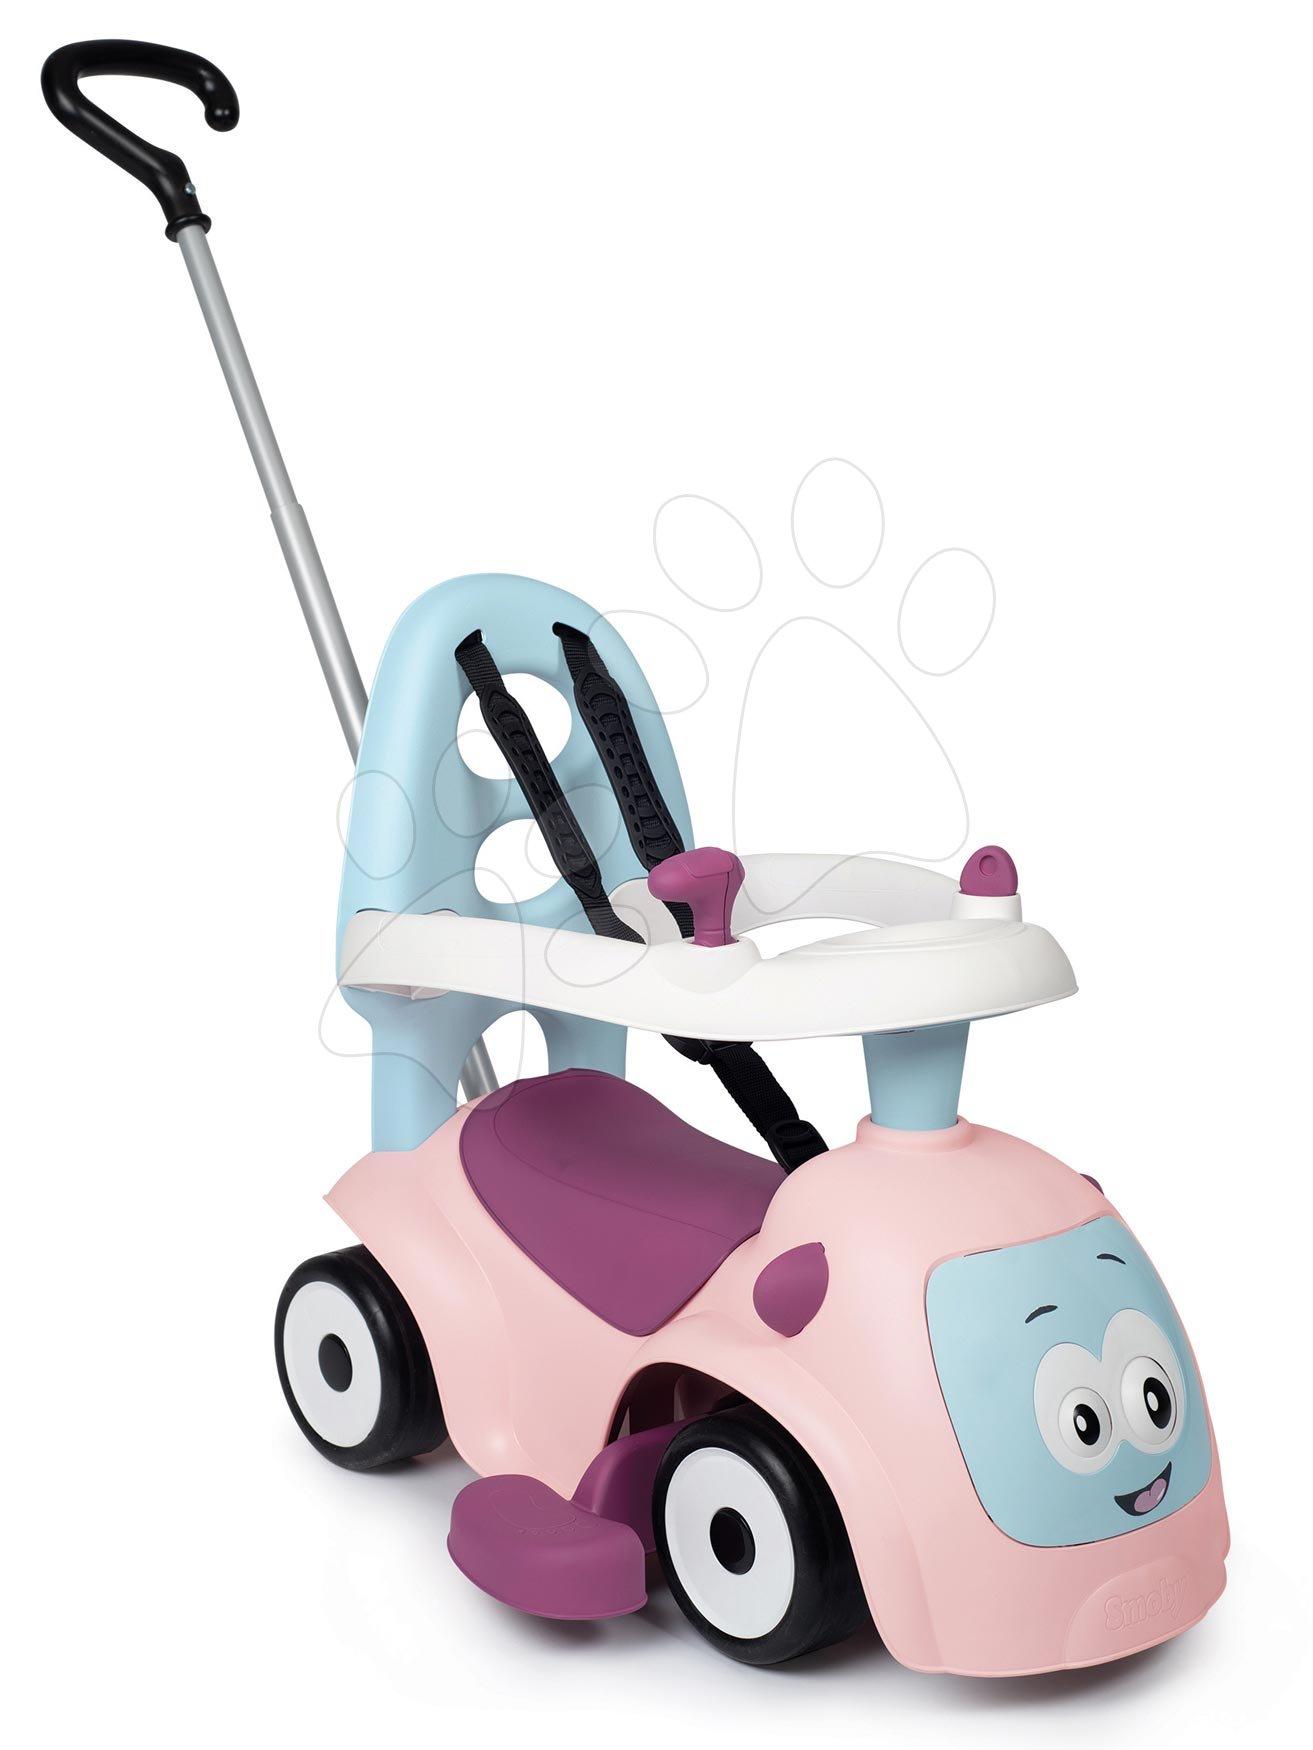 Bébitaxik 6 hónapos kortól - Bébitaxi bővithető Maestro Ride-On Pink 3in1 Smoby 3 hang tolókar kiesésgátló - mágikus szemek 6 hó-tól